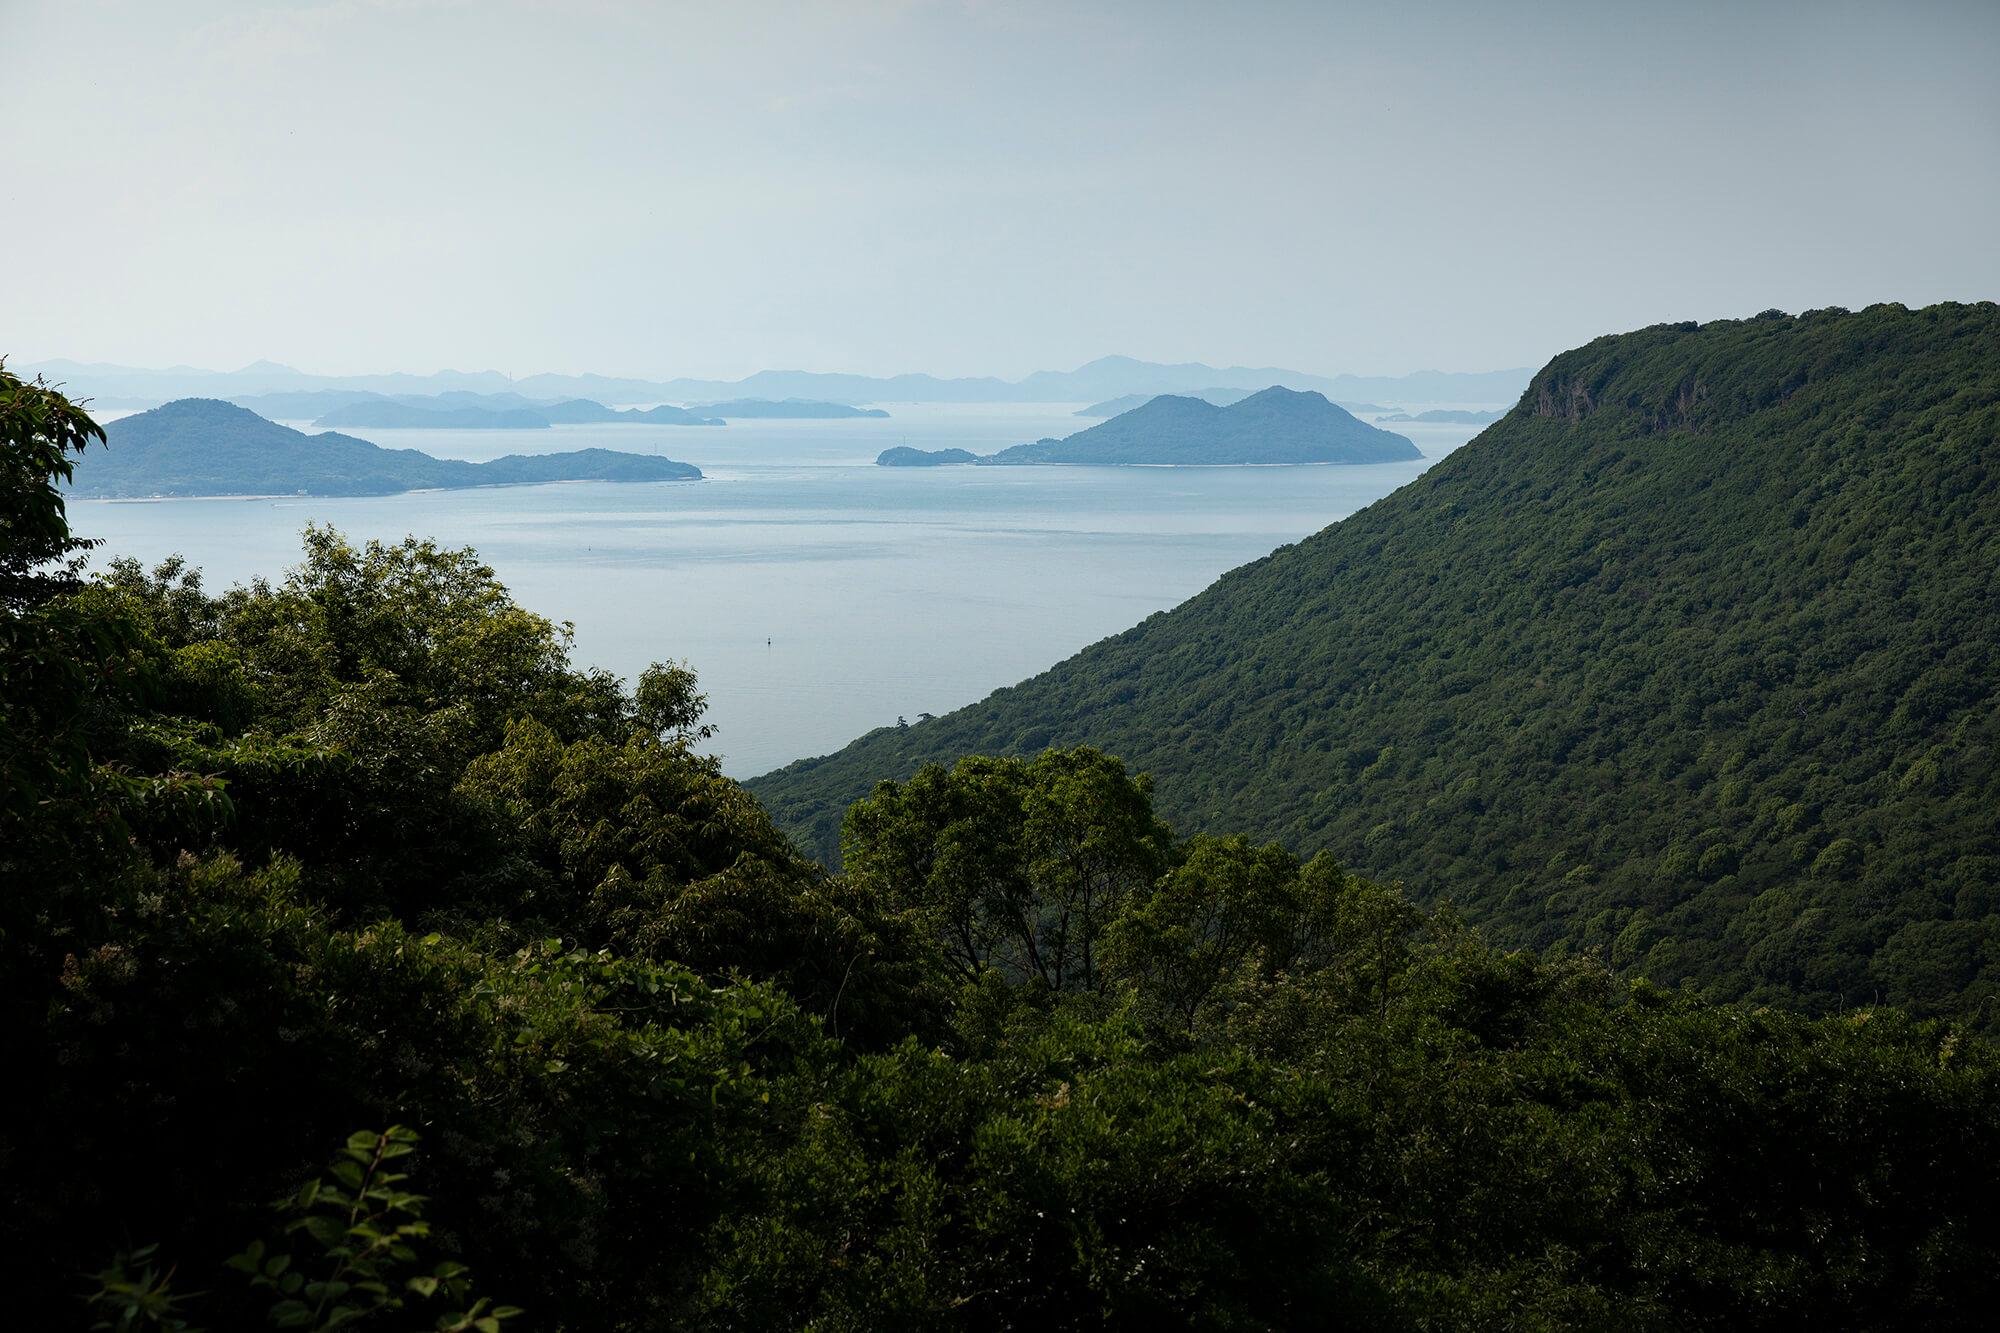 ダイコープロダクト、想像を創造する、香川のもの作り 〜日本のもの作りを旅する その2〜